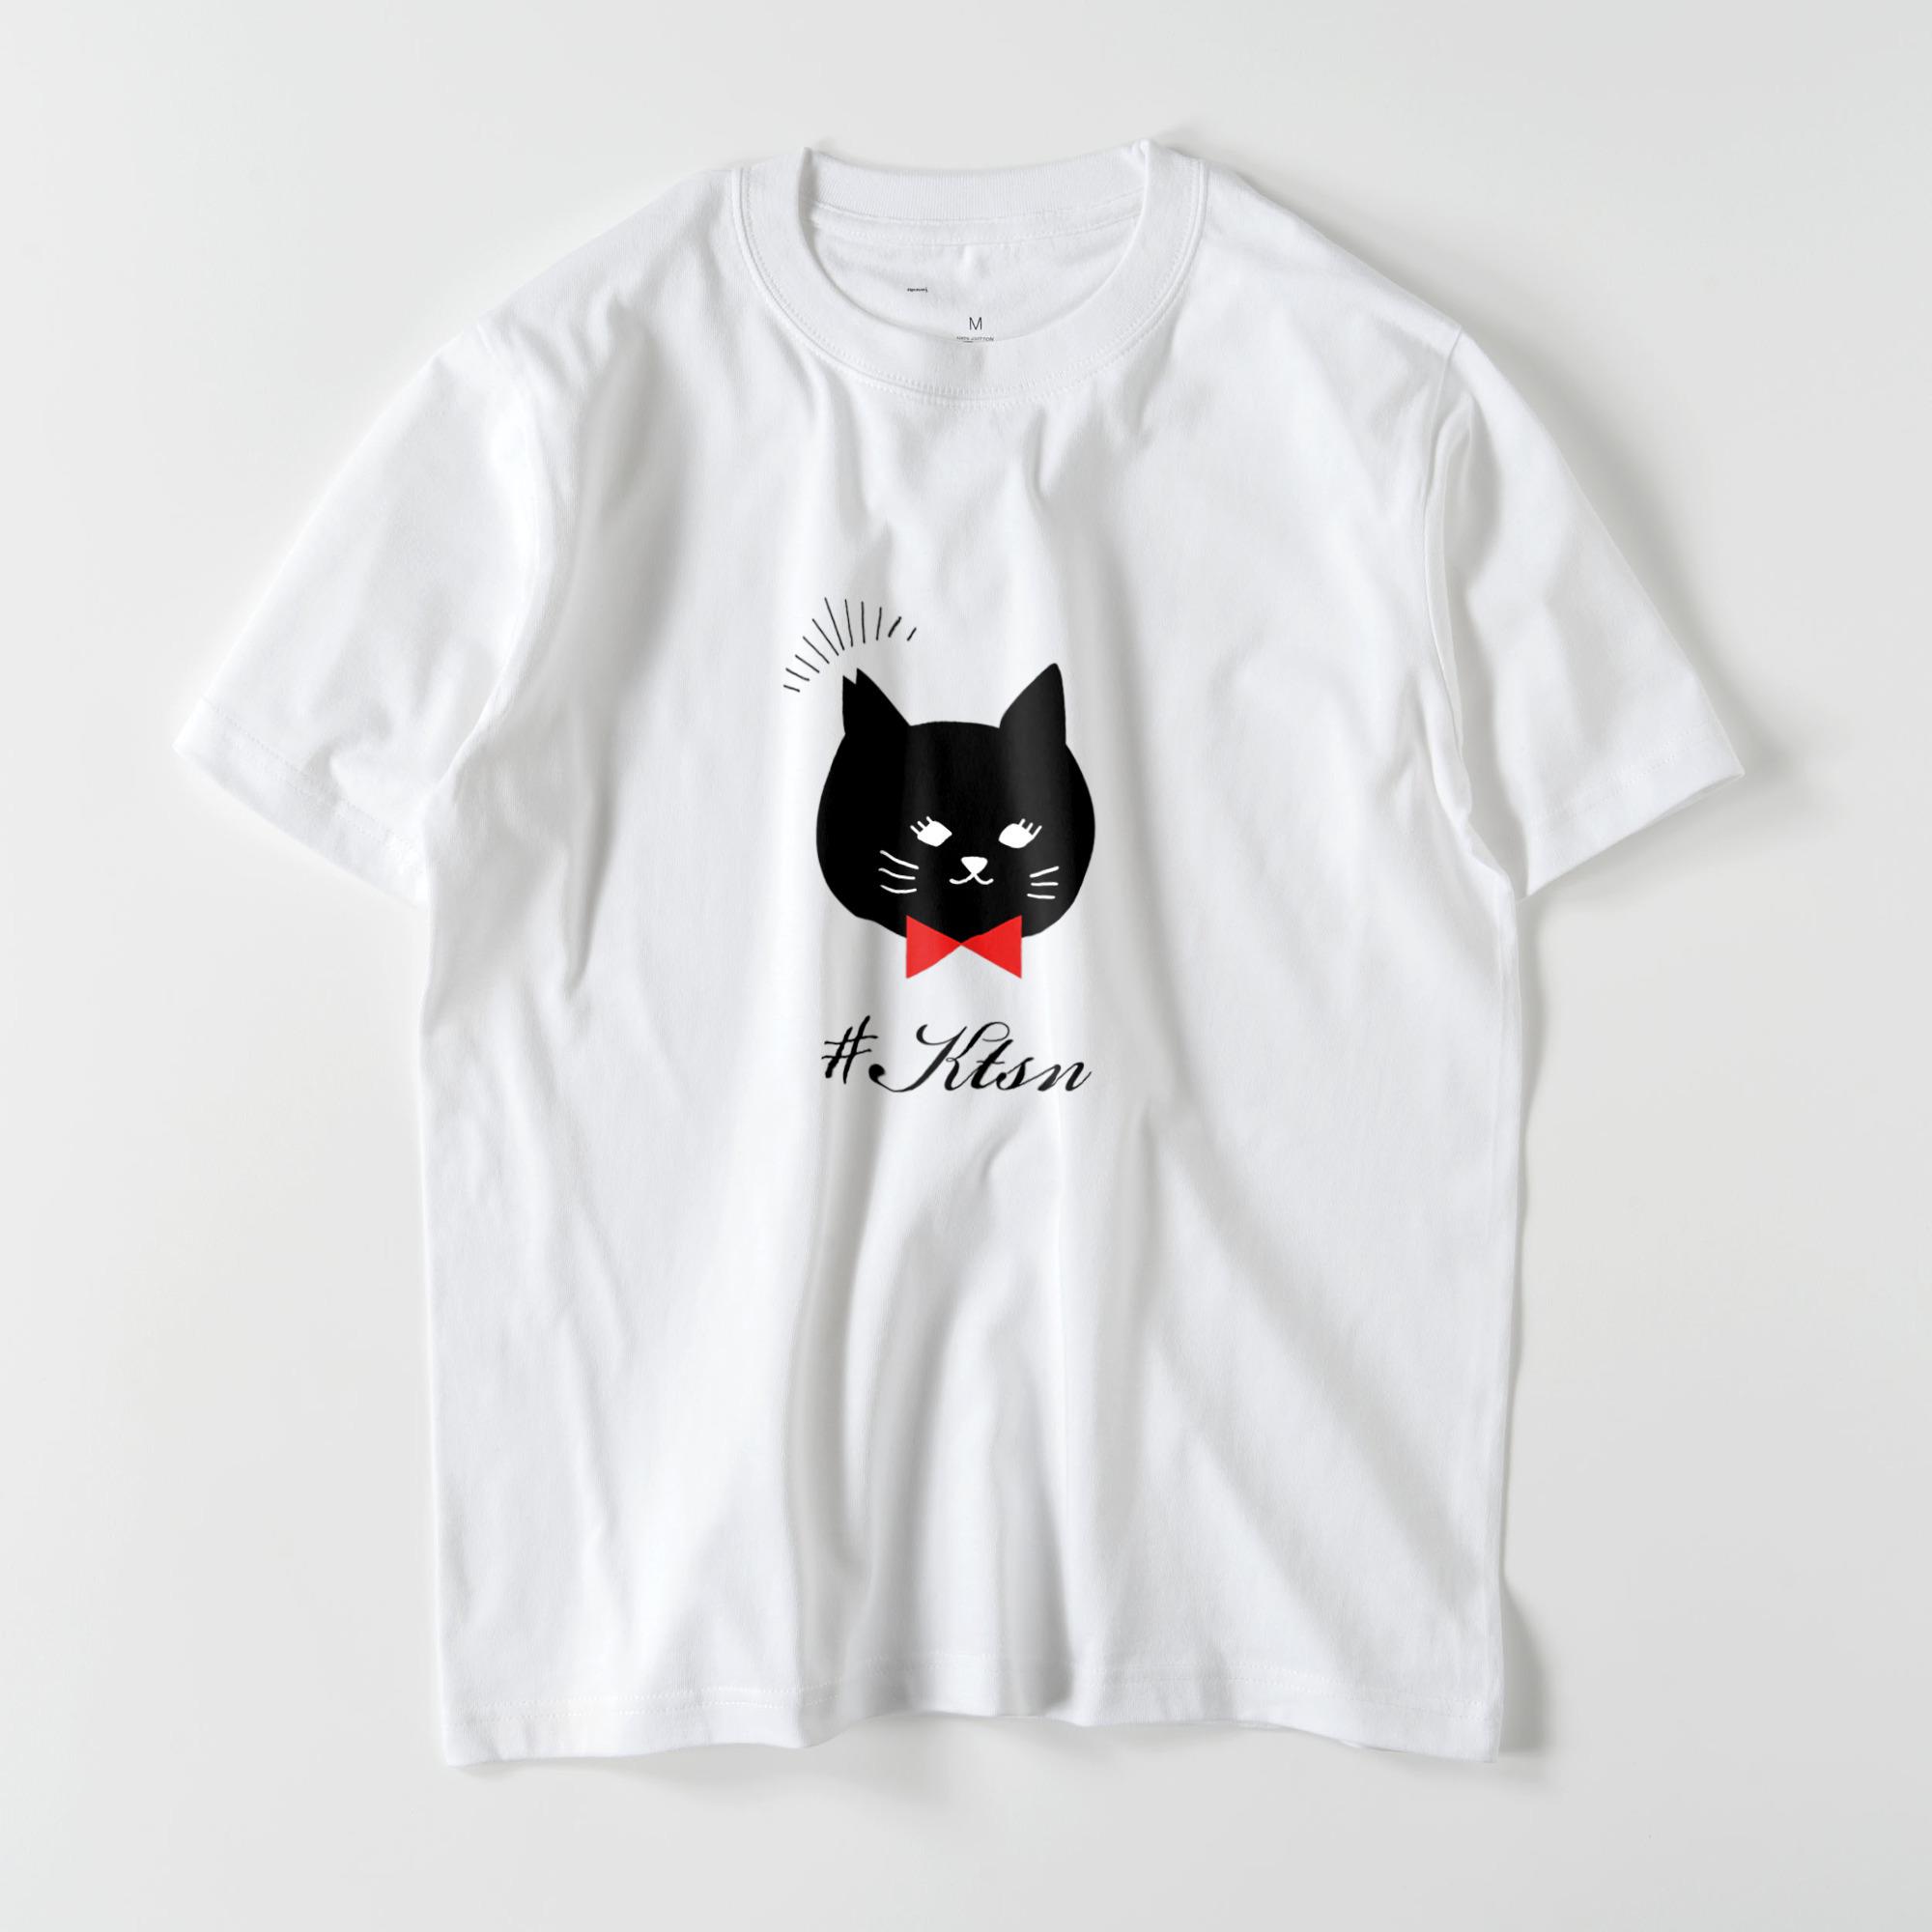 #KTSN×kaco 黒猫Tシャツ